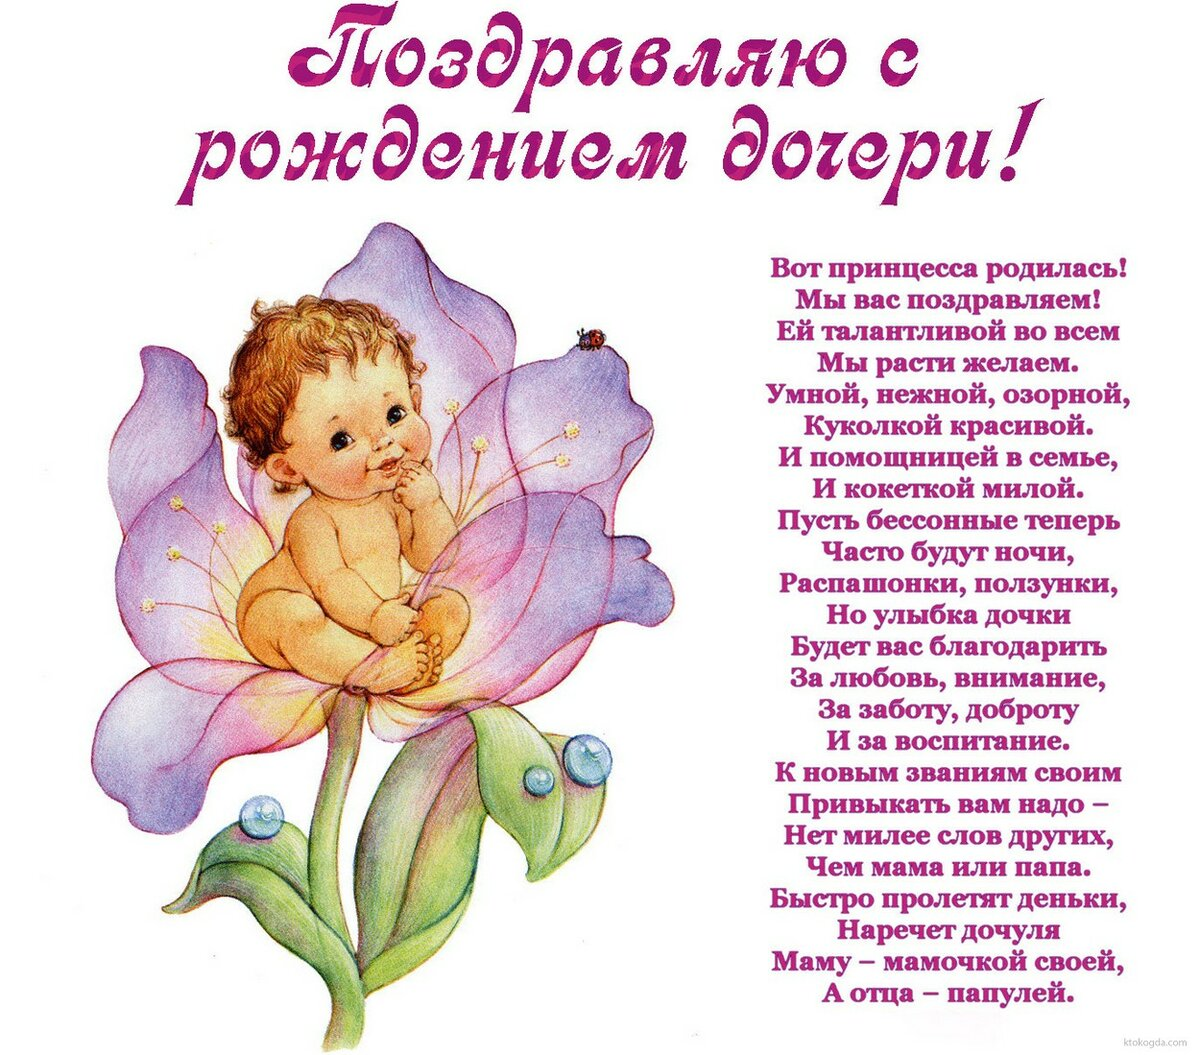 Открытки с днем рождения дочку, картинки